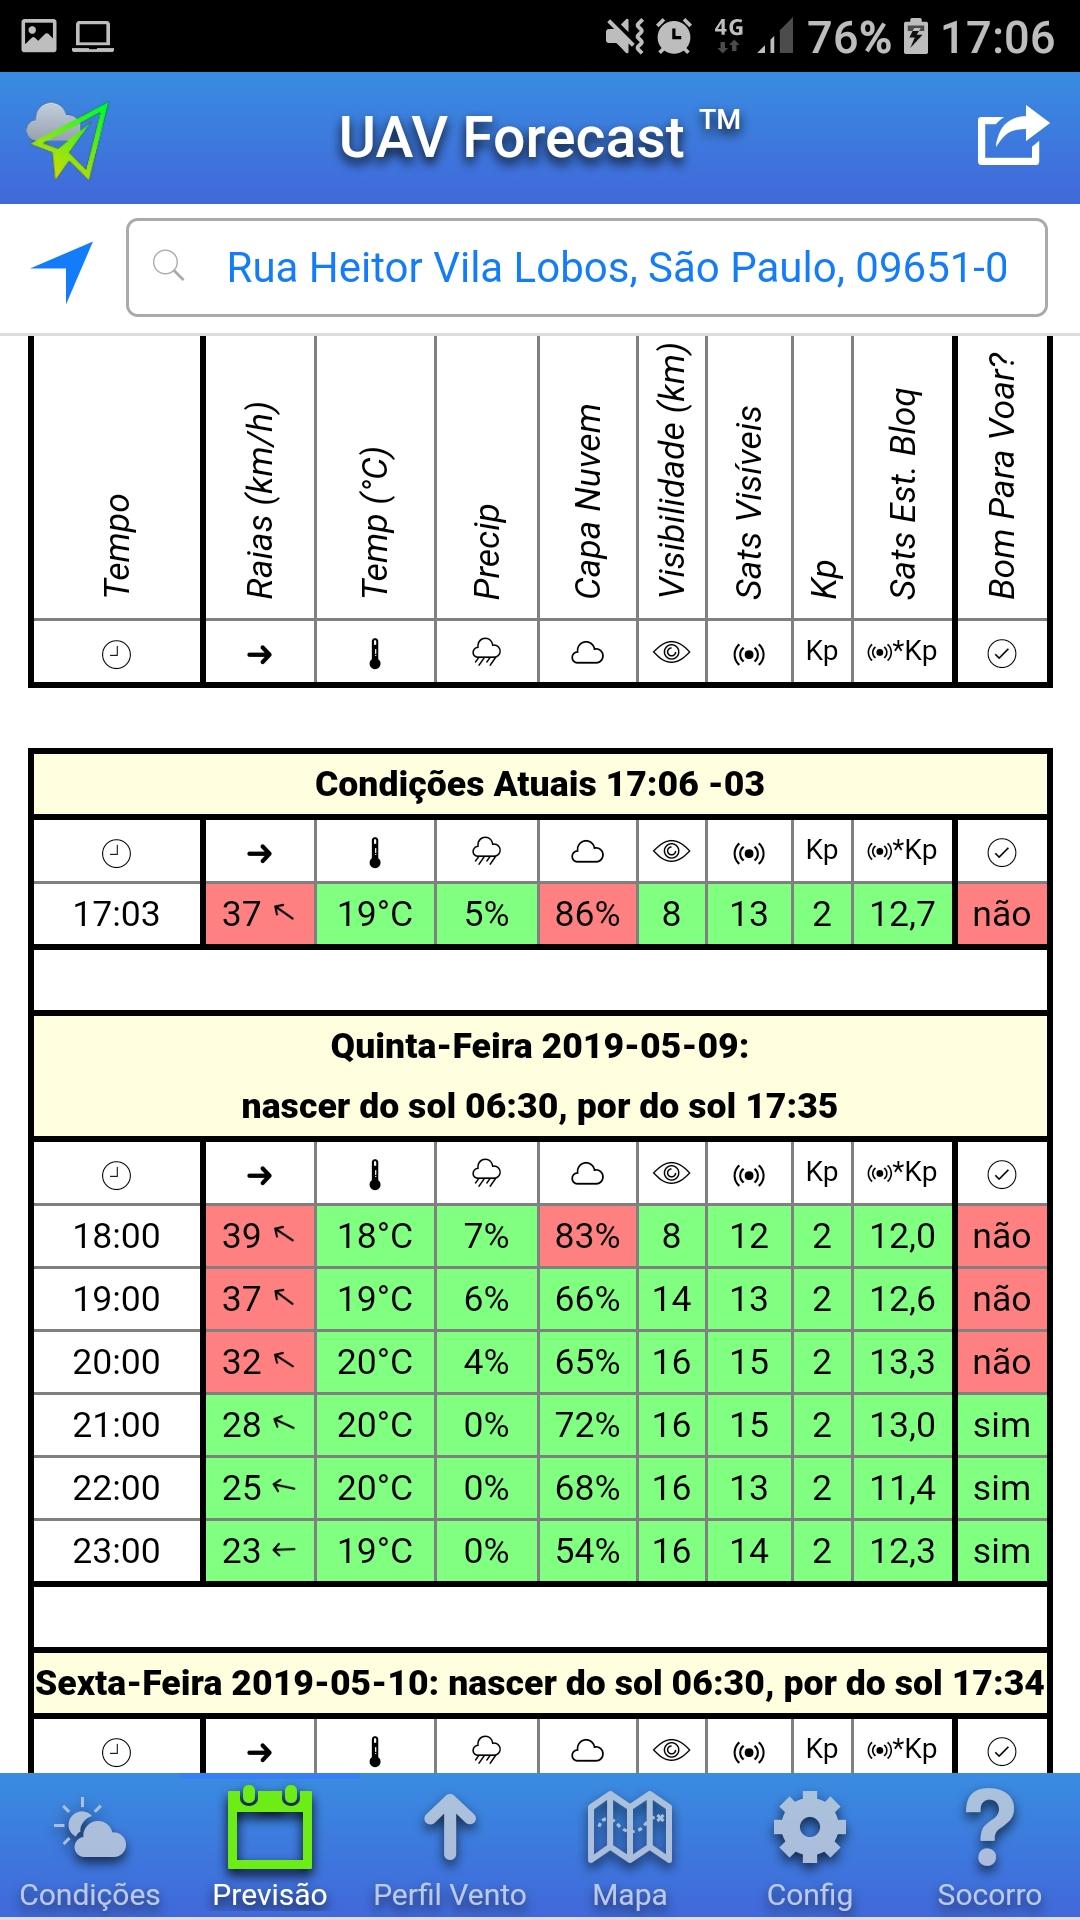 Screenshot_20190509-170614_UAV Forecast.jpg